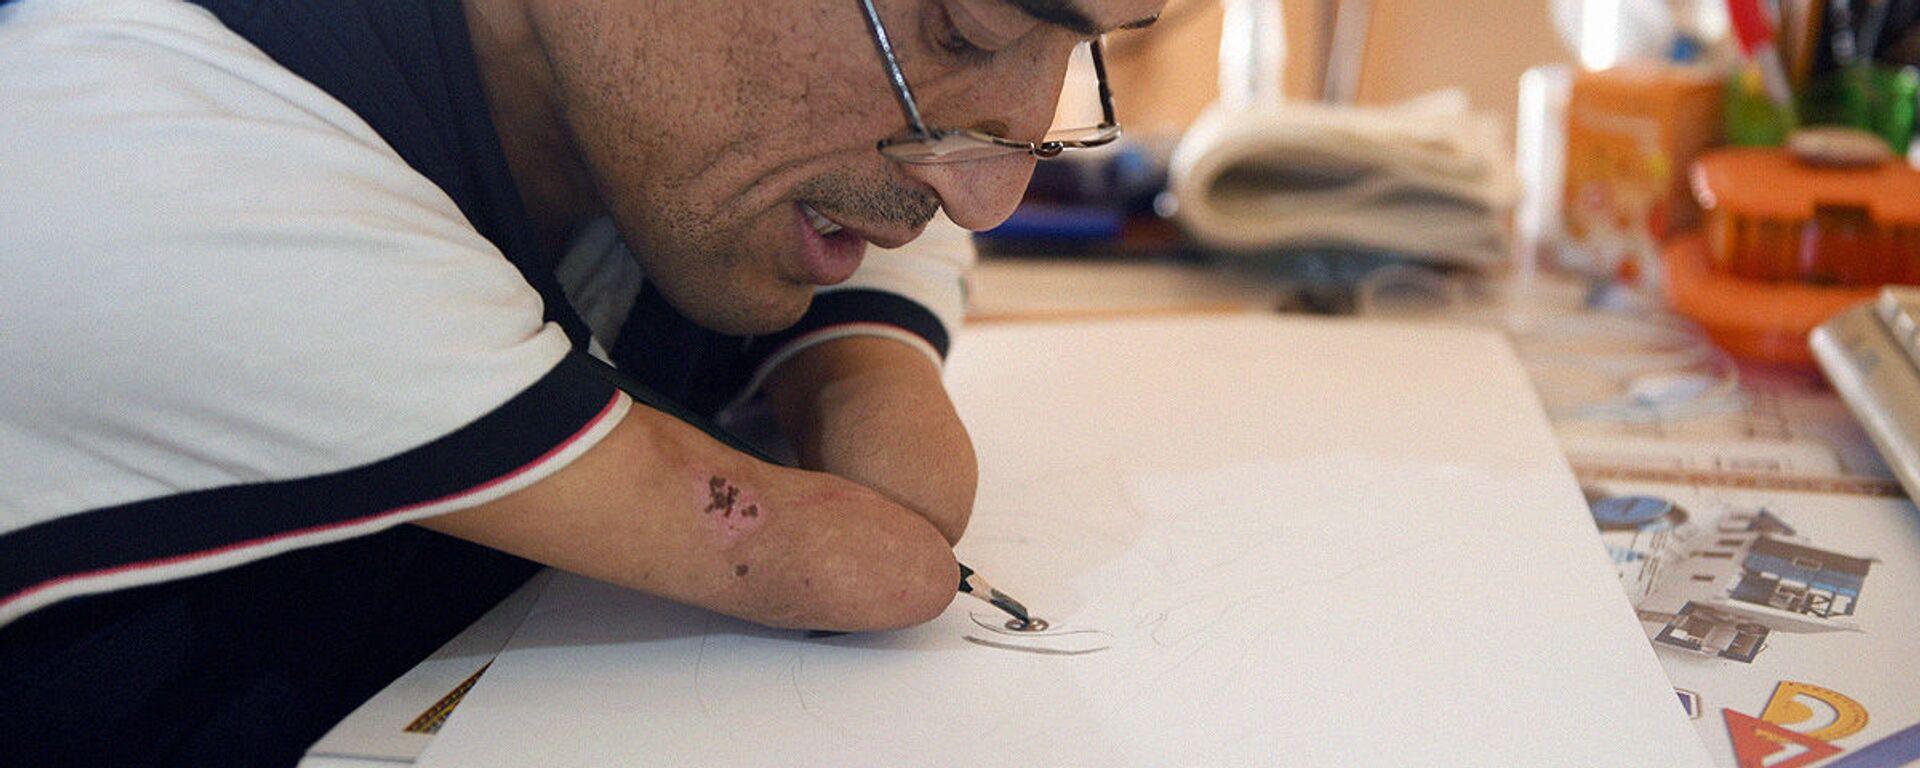 Всевышний одарил меня талантом: узбекский художник рисует без рук и учит детей. - Sputnik Узбекистан, 1920, 11.11.2020